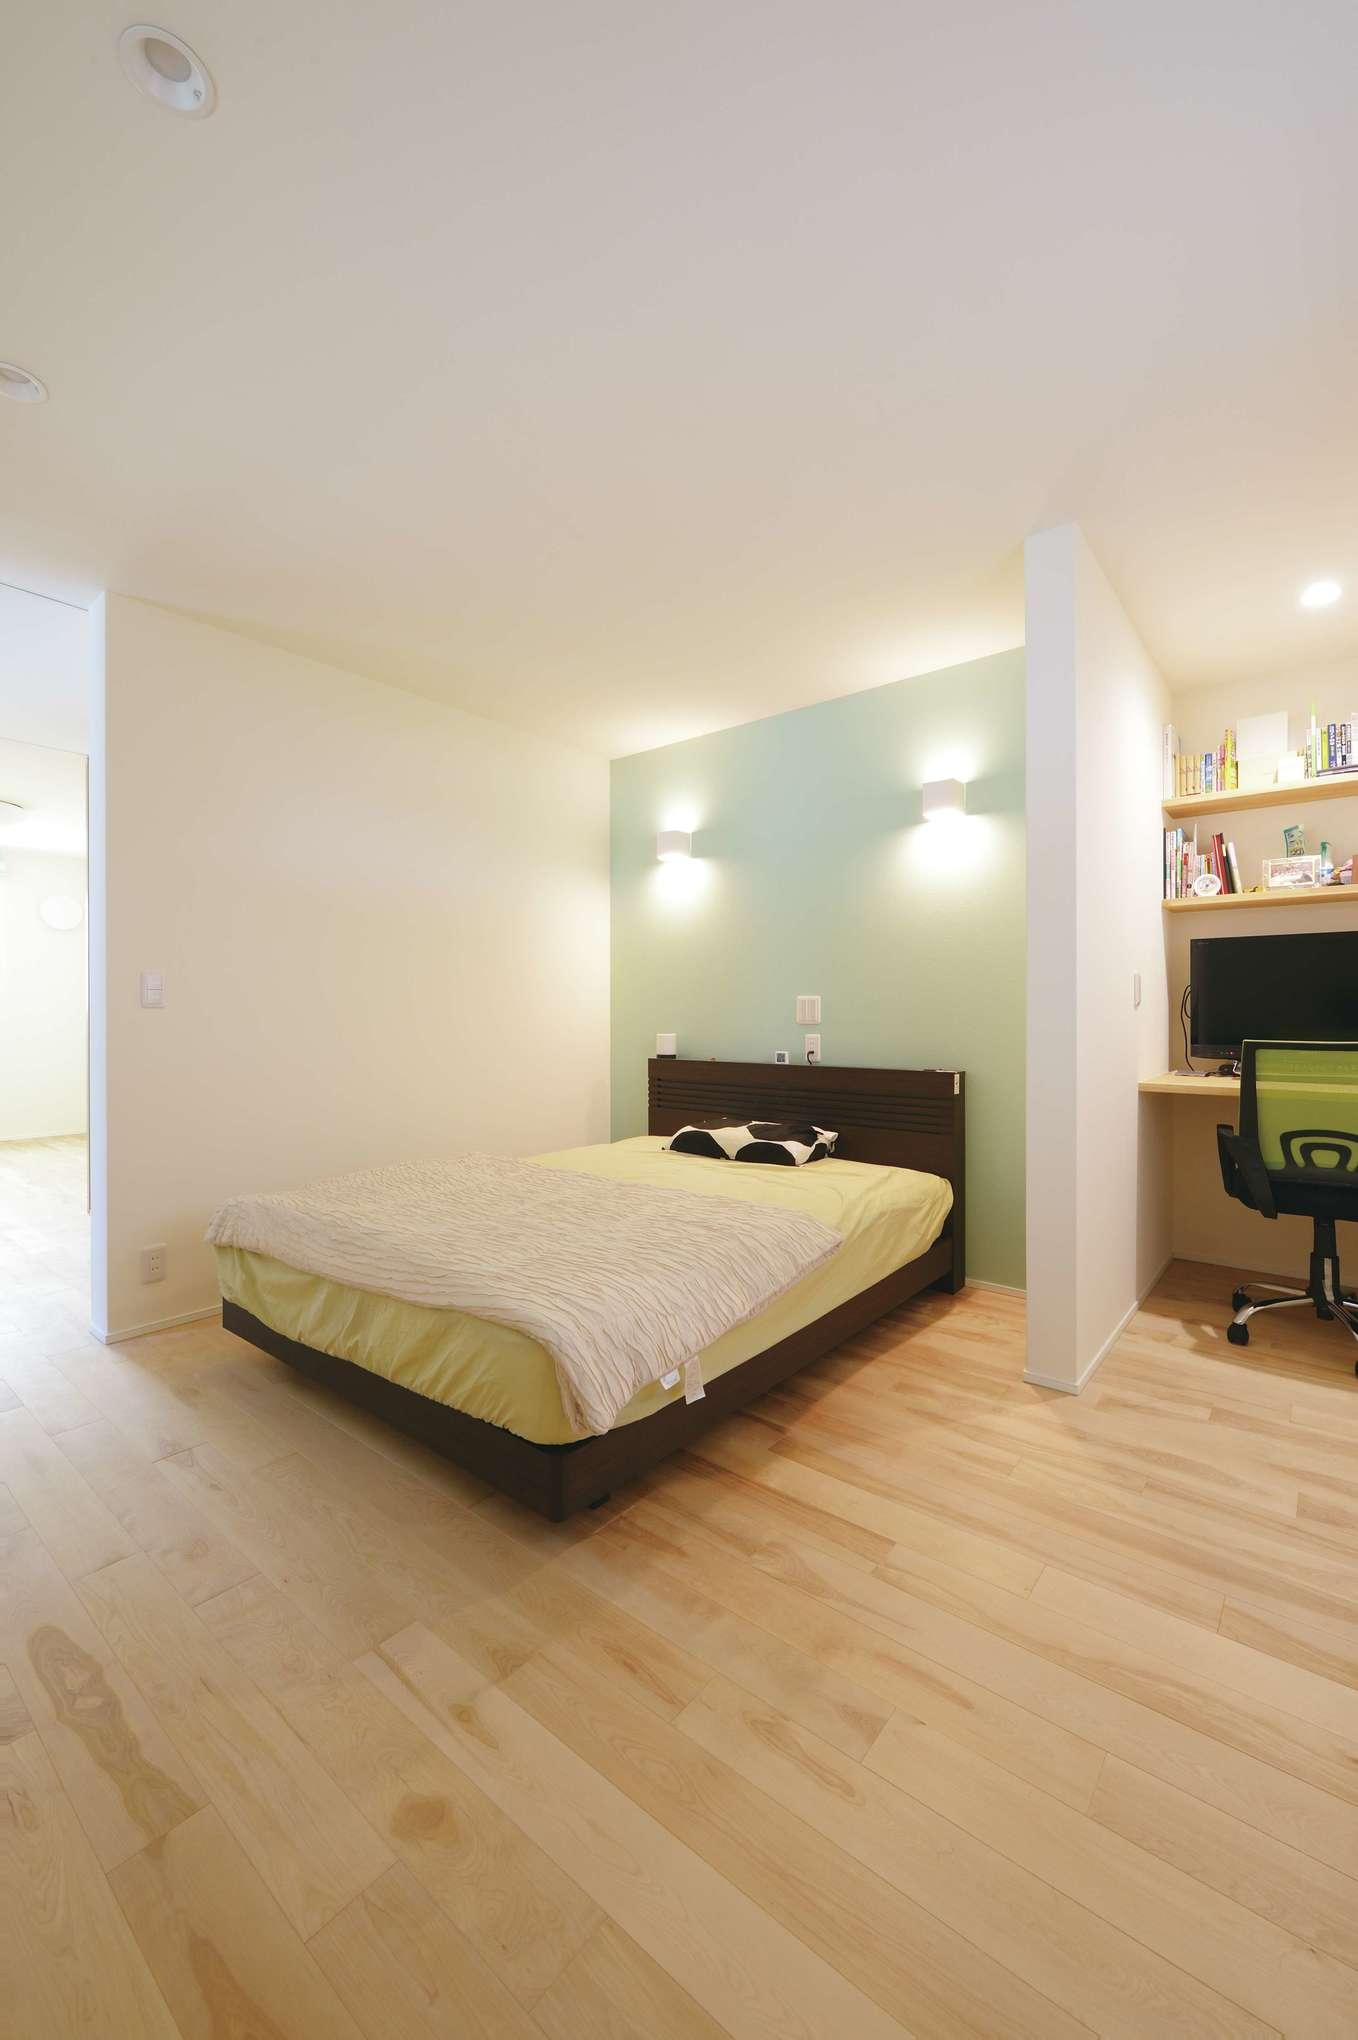 低燃費住宅 静岡(TK武田建築)【子育て、自然素材、省エネ】アクセントウォールがおしゃれな寝室。室温が一定だから、エアコンがなくても熟睡できる。すぐ隣にはご主人の書斎を併設